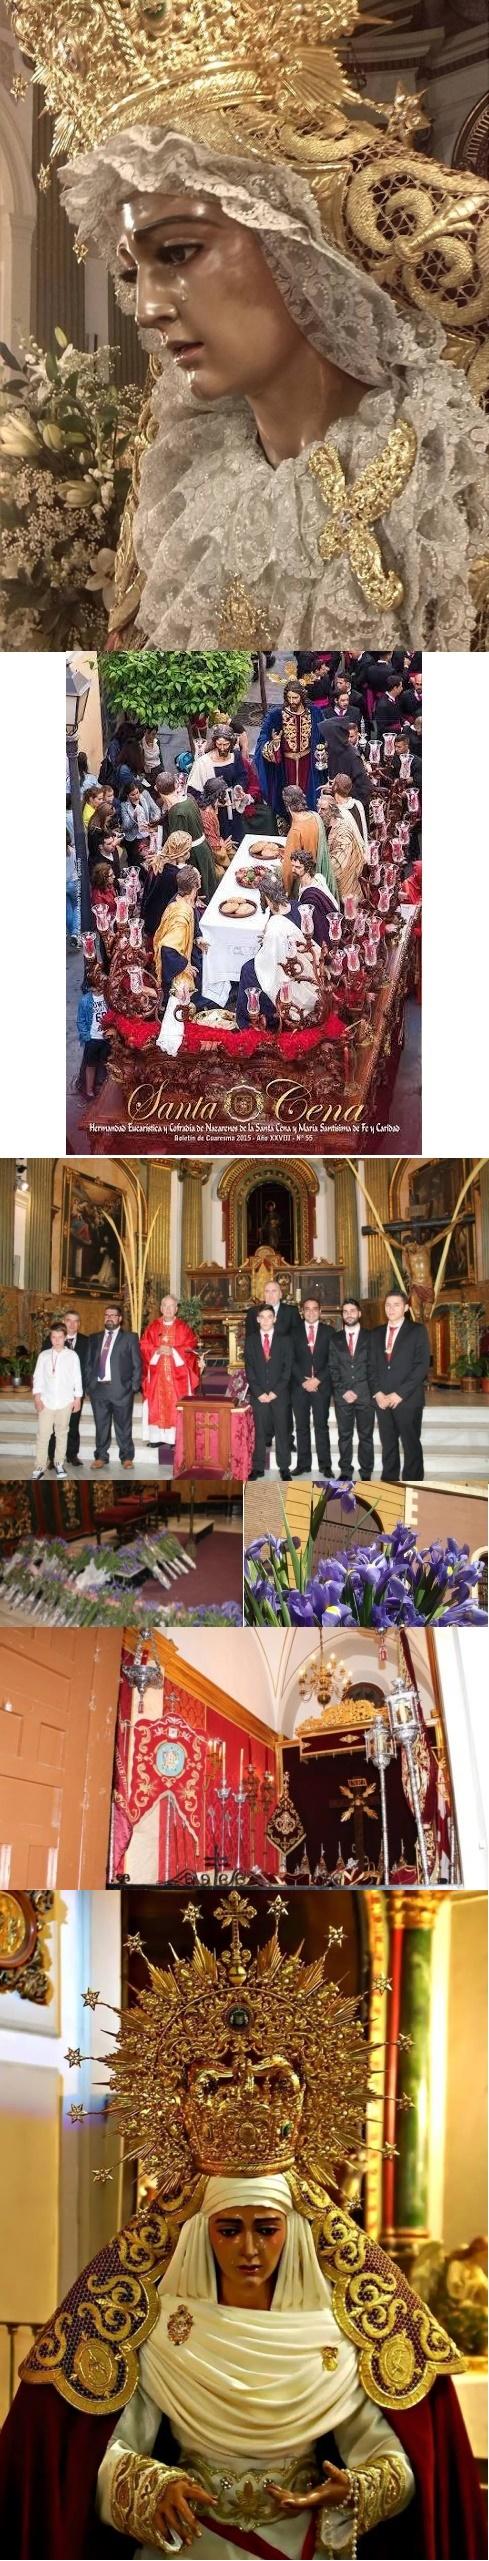 20150331200954-imposicion-medallas-y-ofrenda-floral-santa-cena-besamanos-mariano.jpg